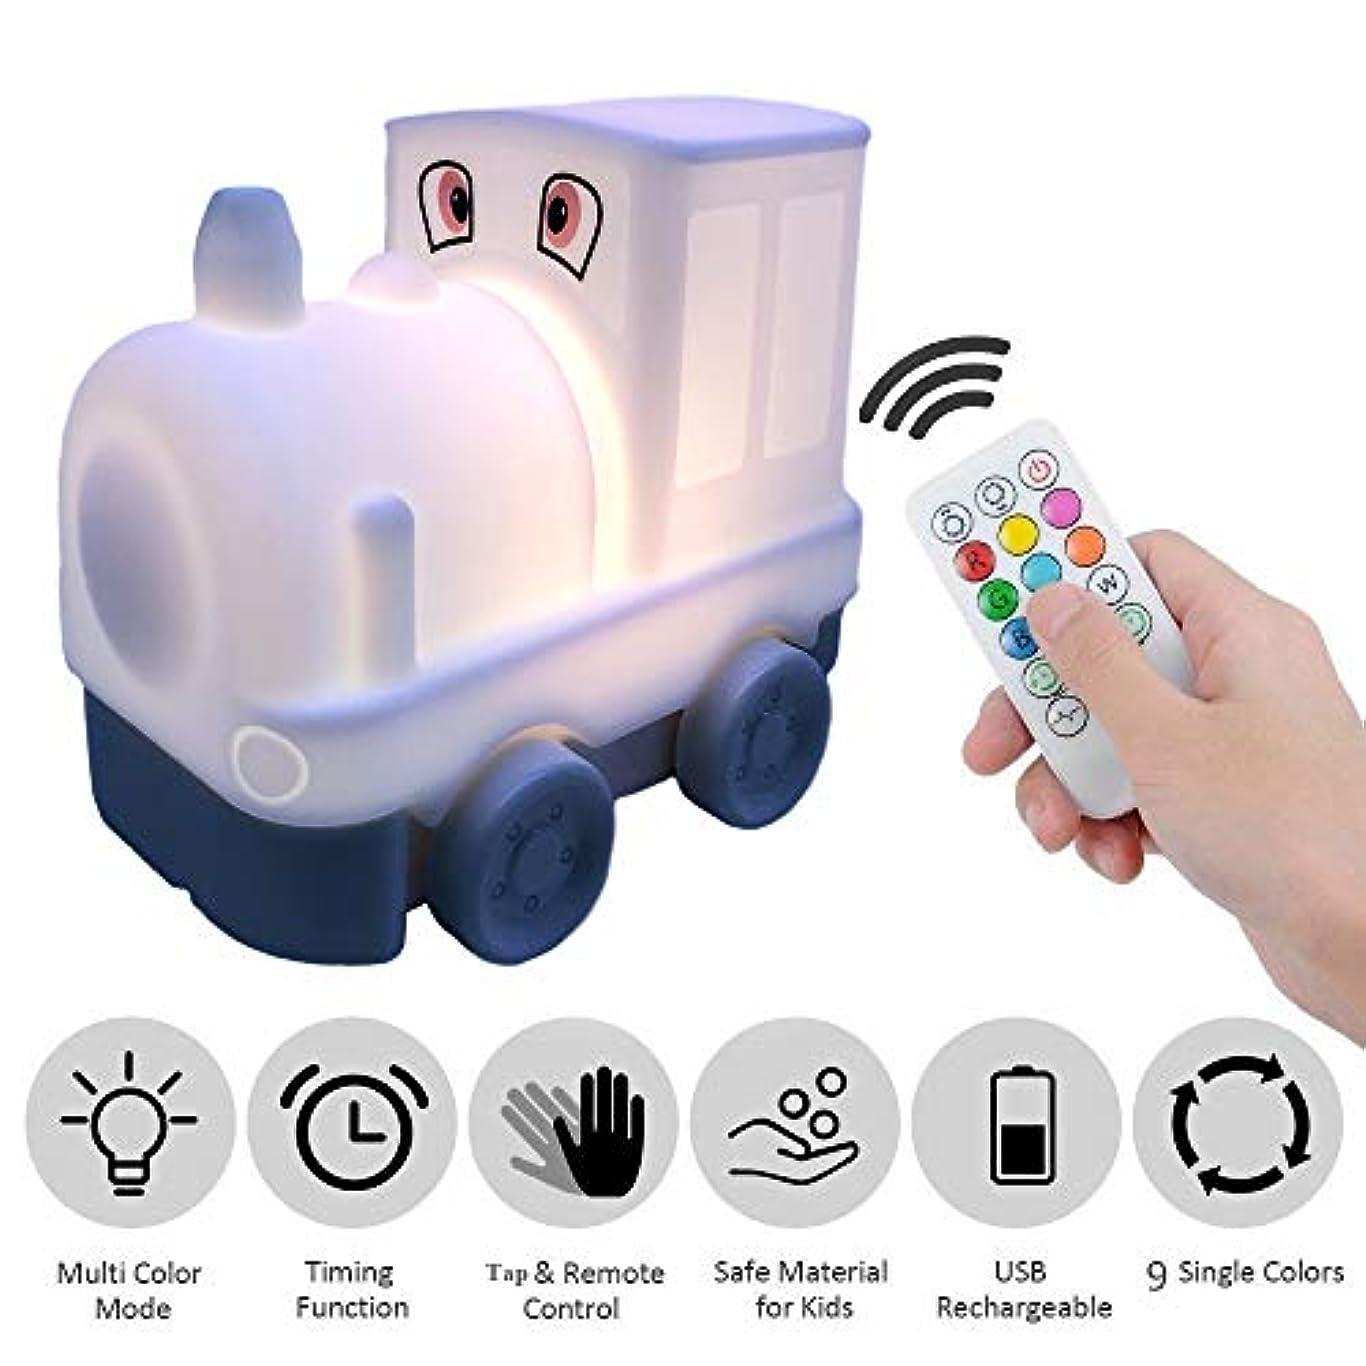 同情恥ずかしさアルコールTianhaixingベッドサイドランプ、マルチカラー変換ソフトシリコーンLED夜光、リモコンとUSB充電テーブルランプの呼吸ライト (White, Train)